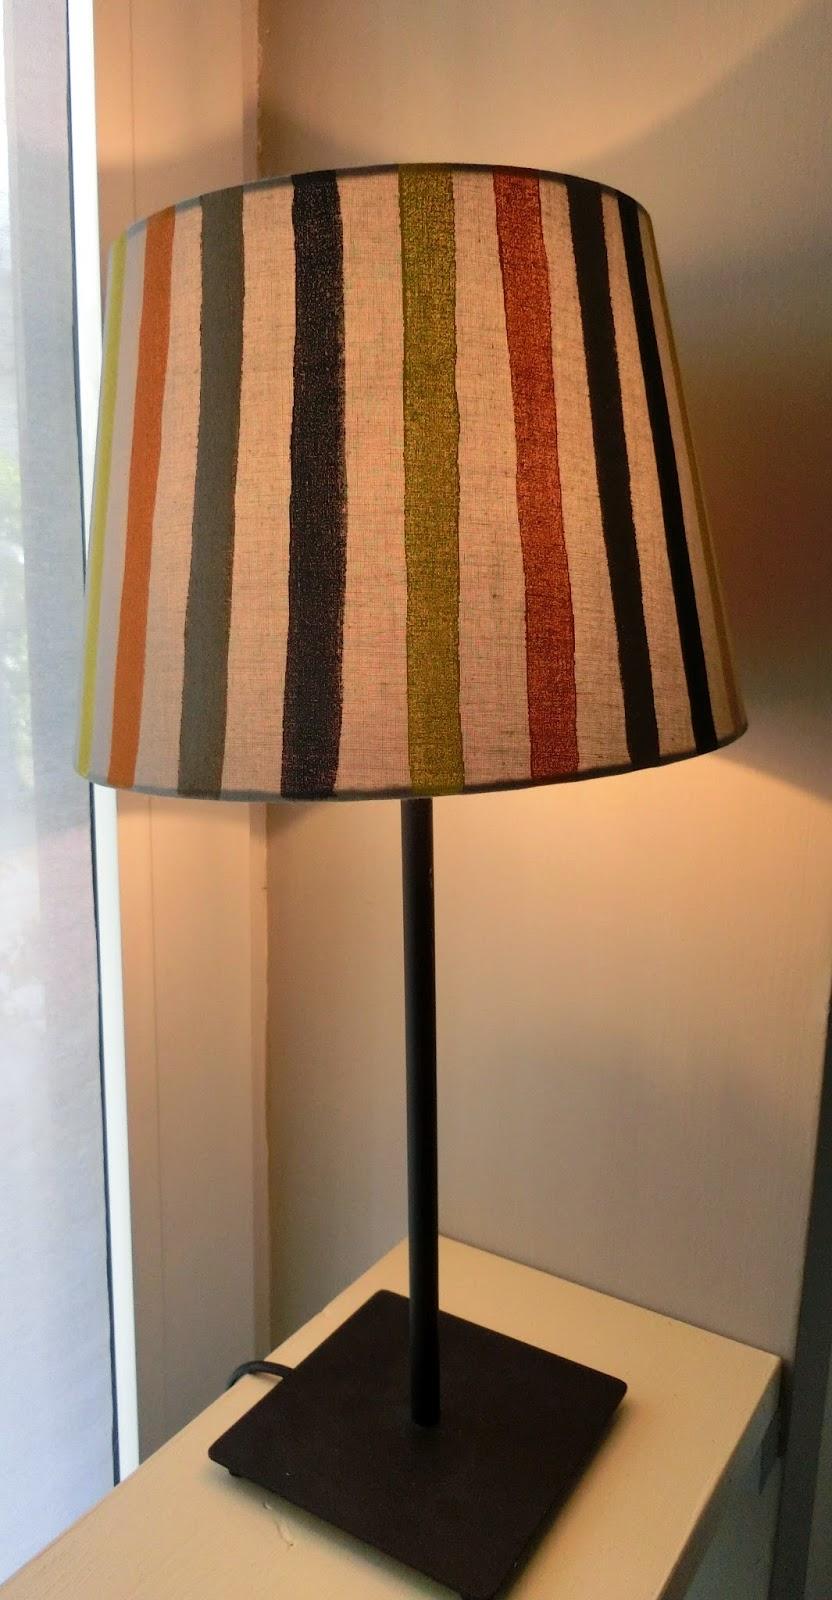 Fili Lampade Colorati: Se ti serve un idea per dare atmosfera alla tua abitazione cerca.